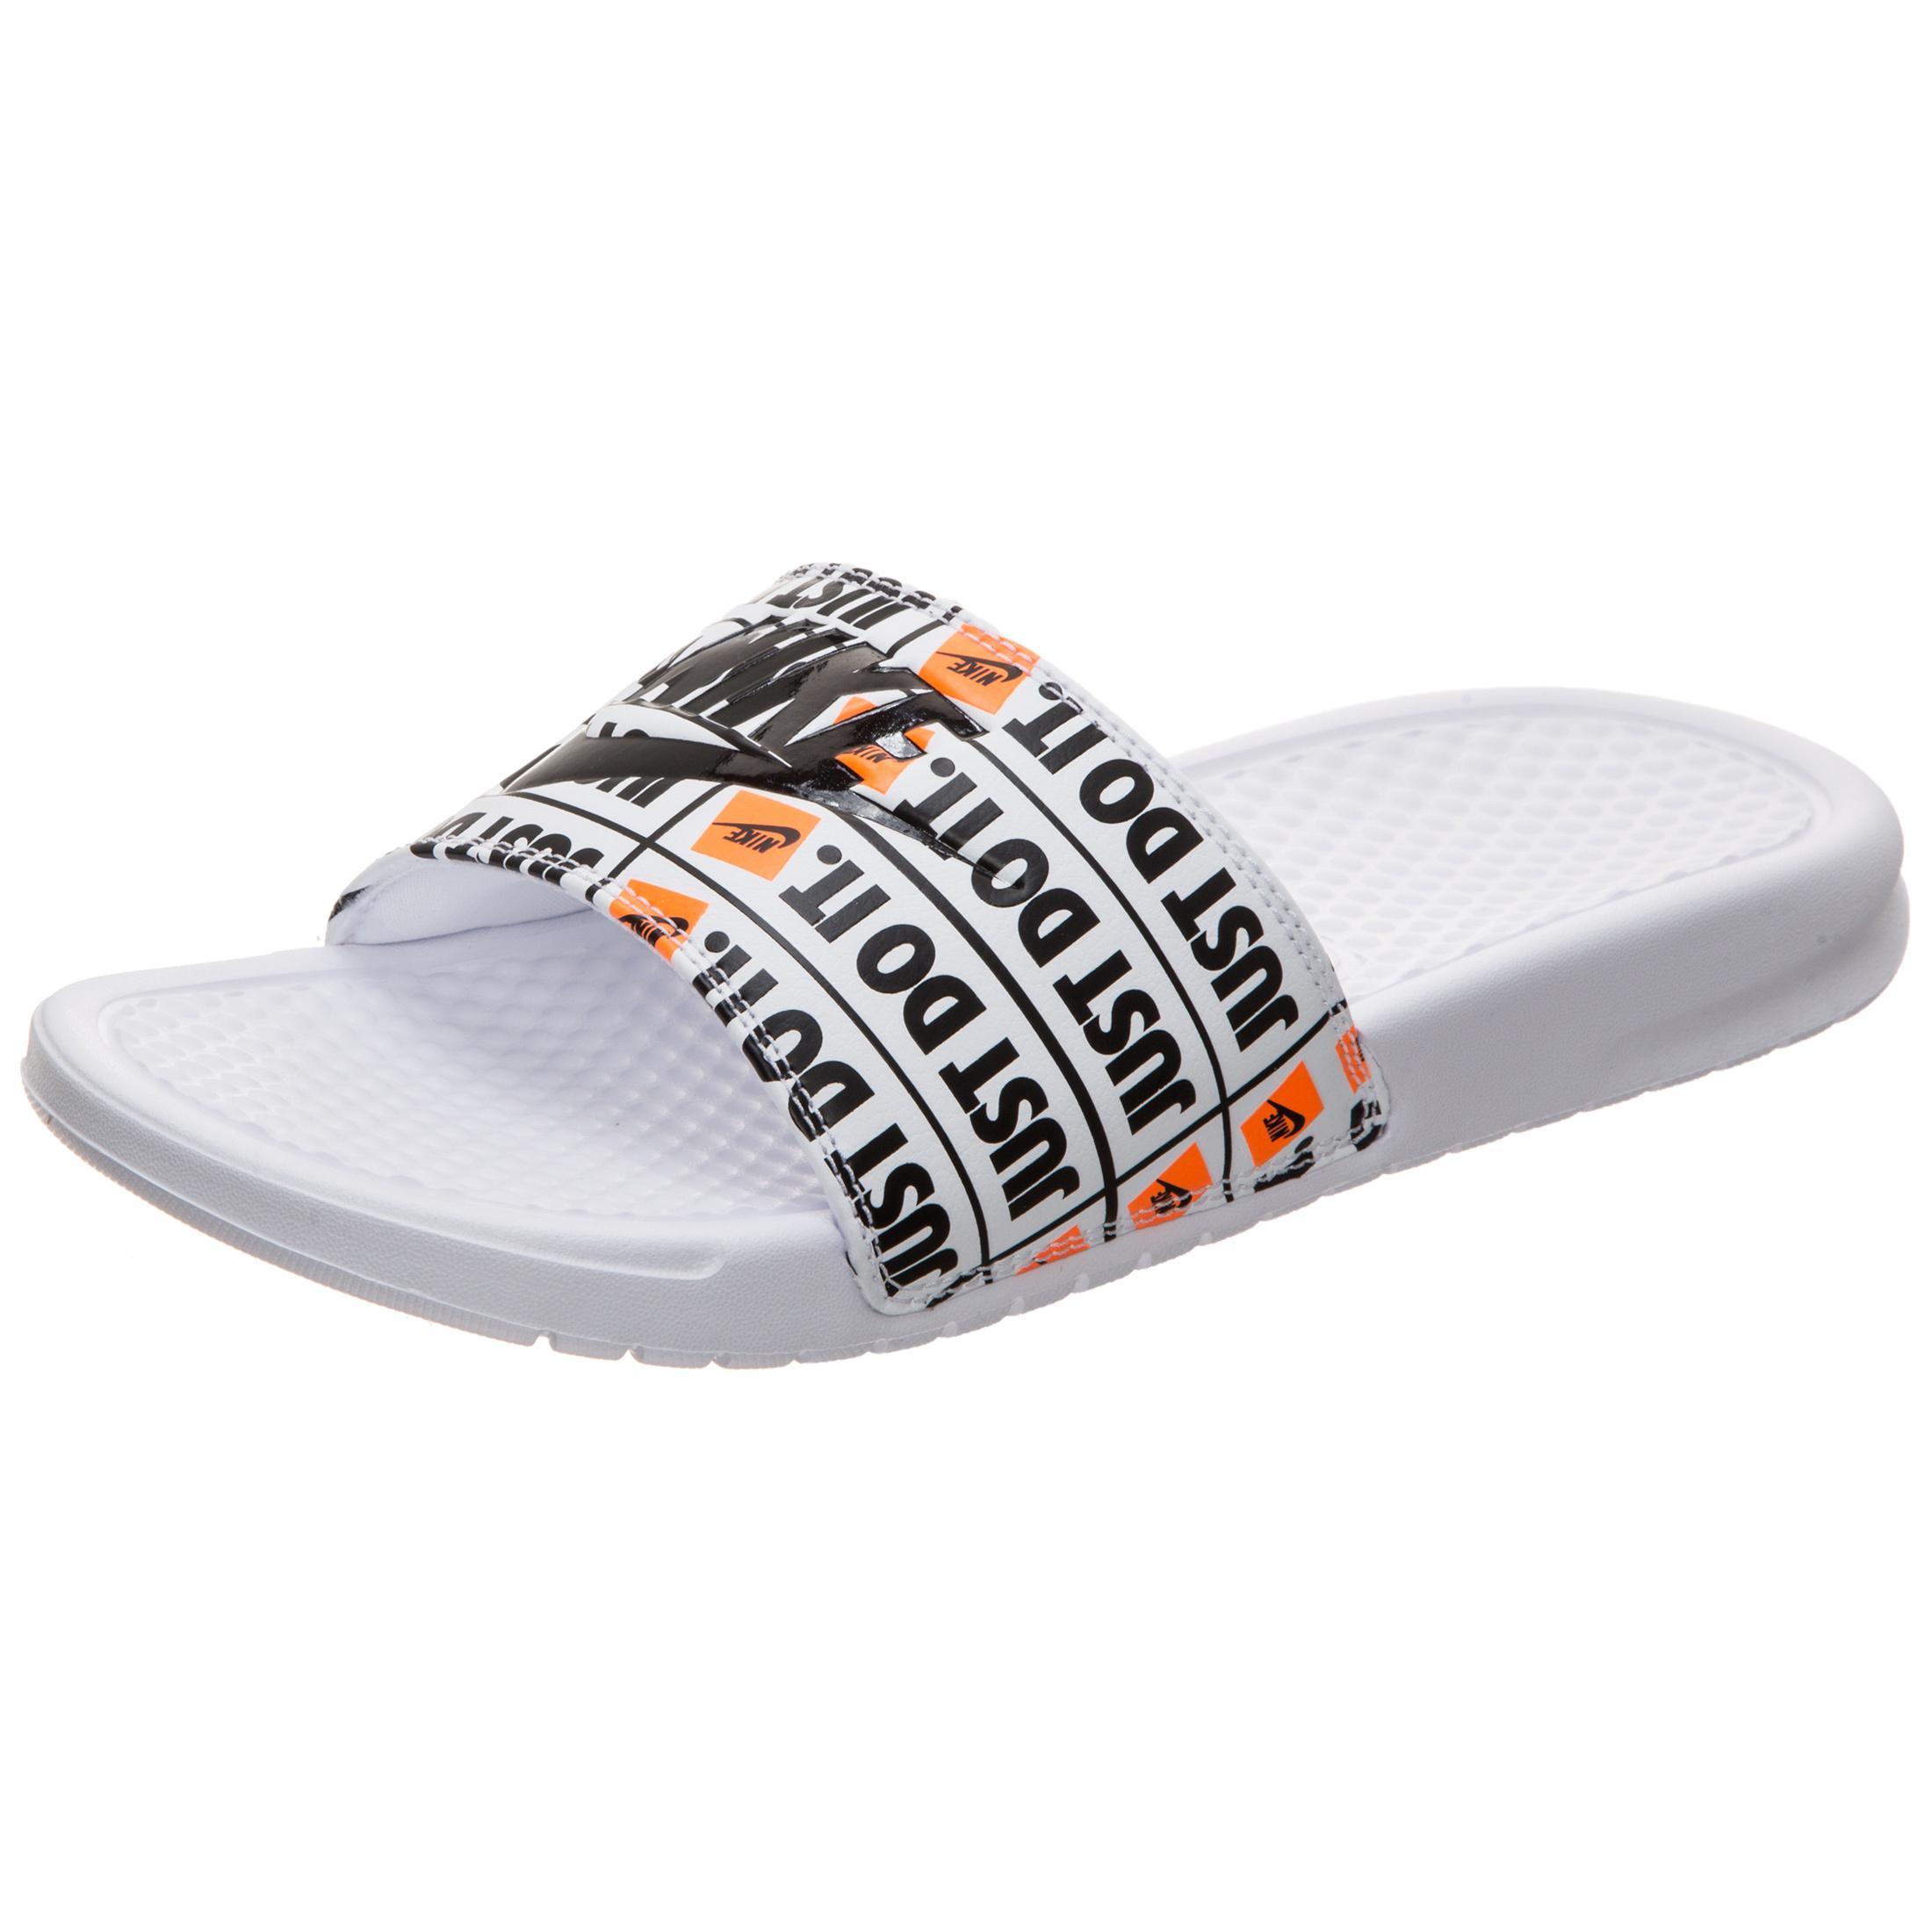 the best attitude 99400 a1352 Nike Benassi Just Do It Print Sandalen Herren weiß / schwarz im Online Shop  von SportScheck kaufen